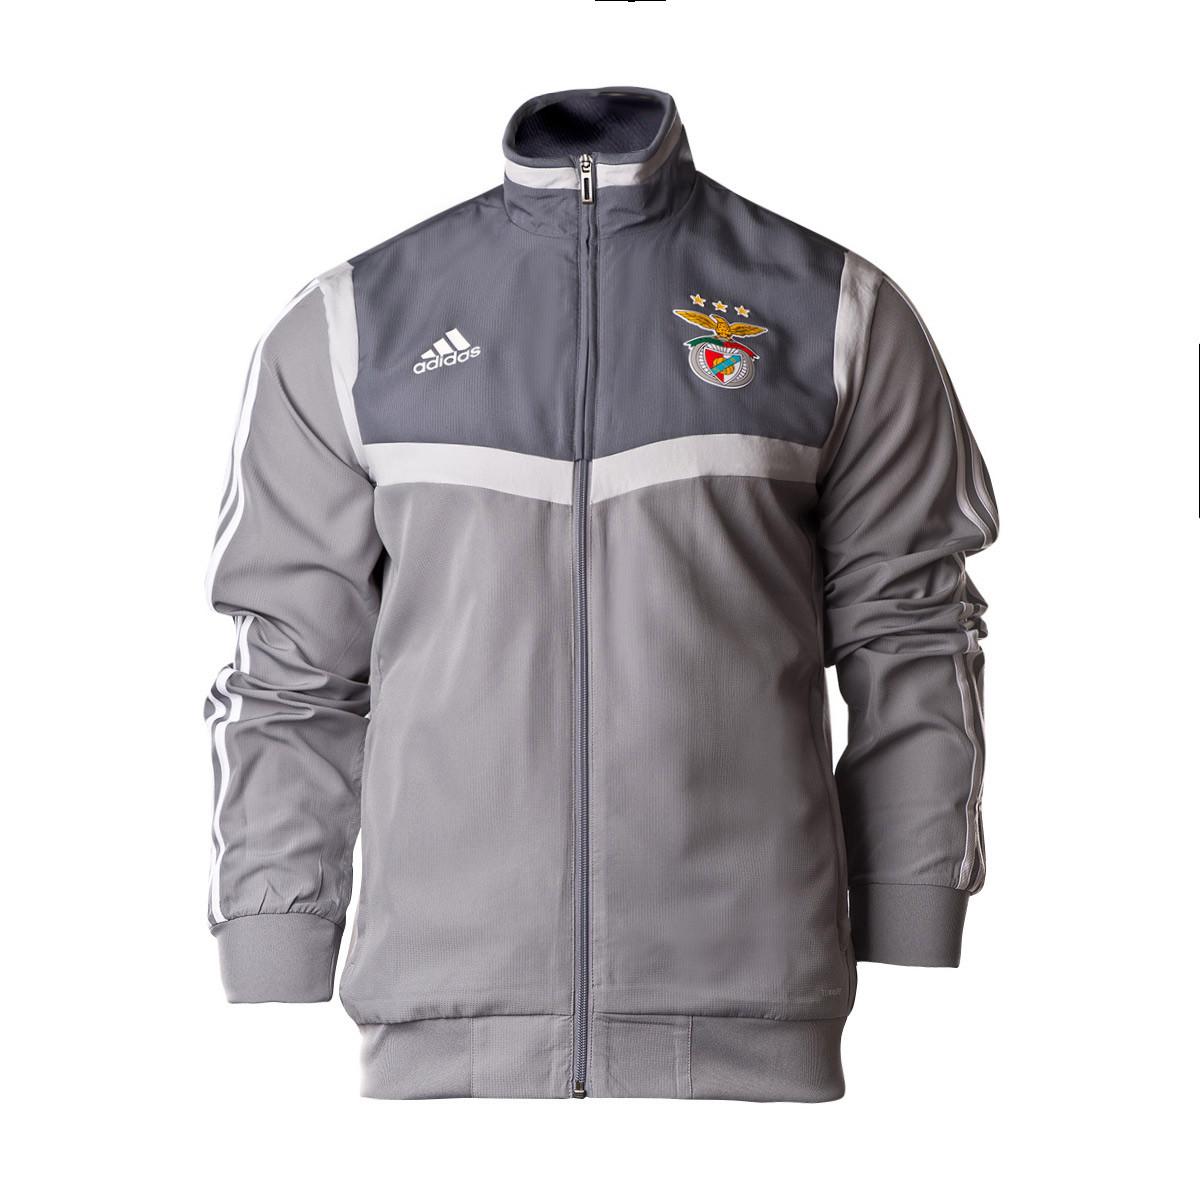 Veste adidas Benfica SL Pre 2019 2020